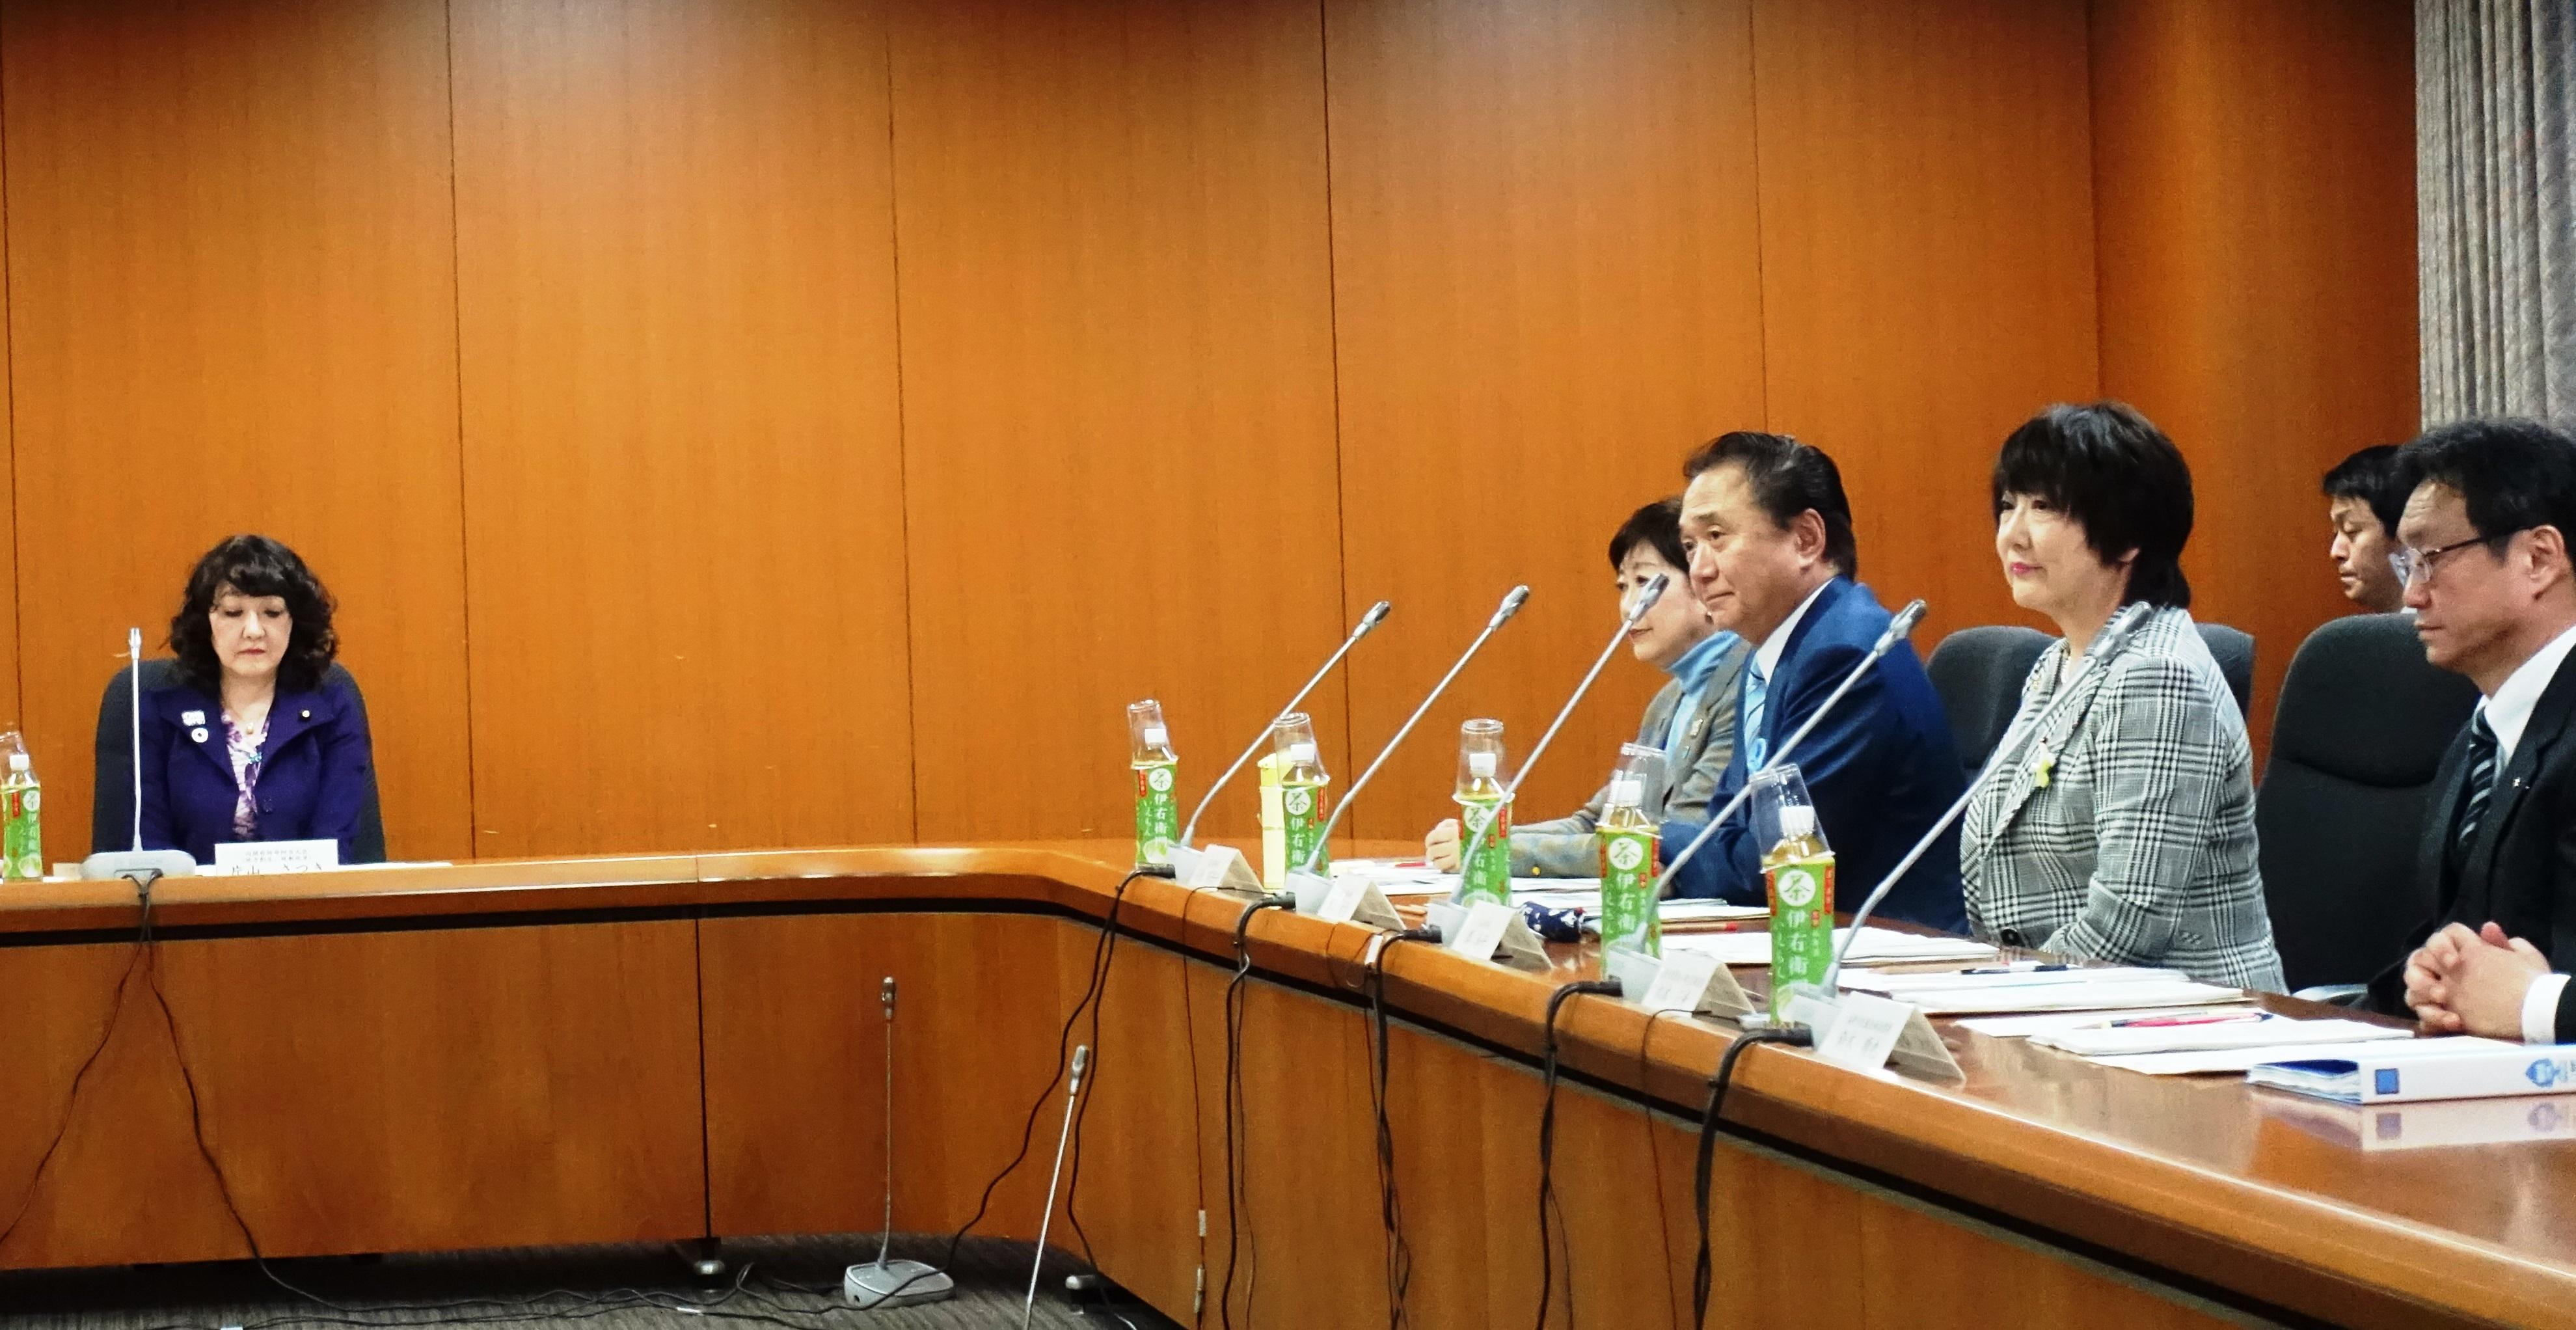 仙台市国家戦略特別区域会議(第10回)の様子